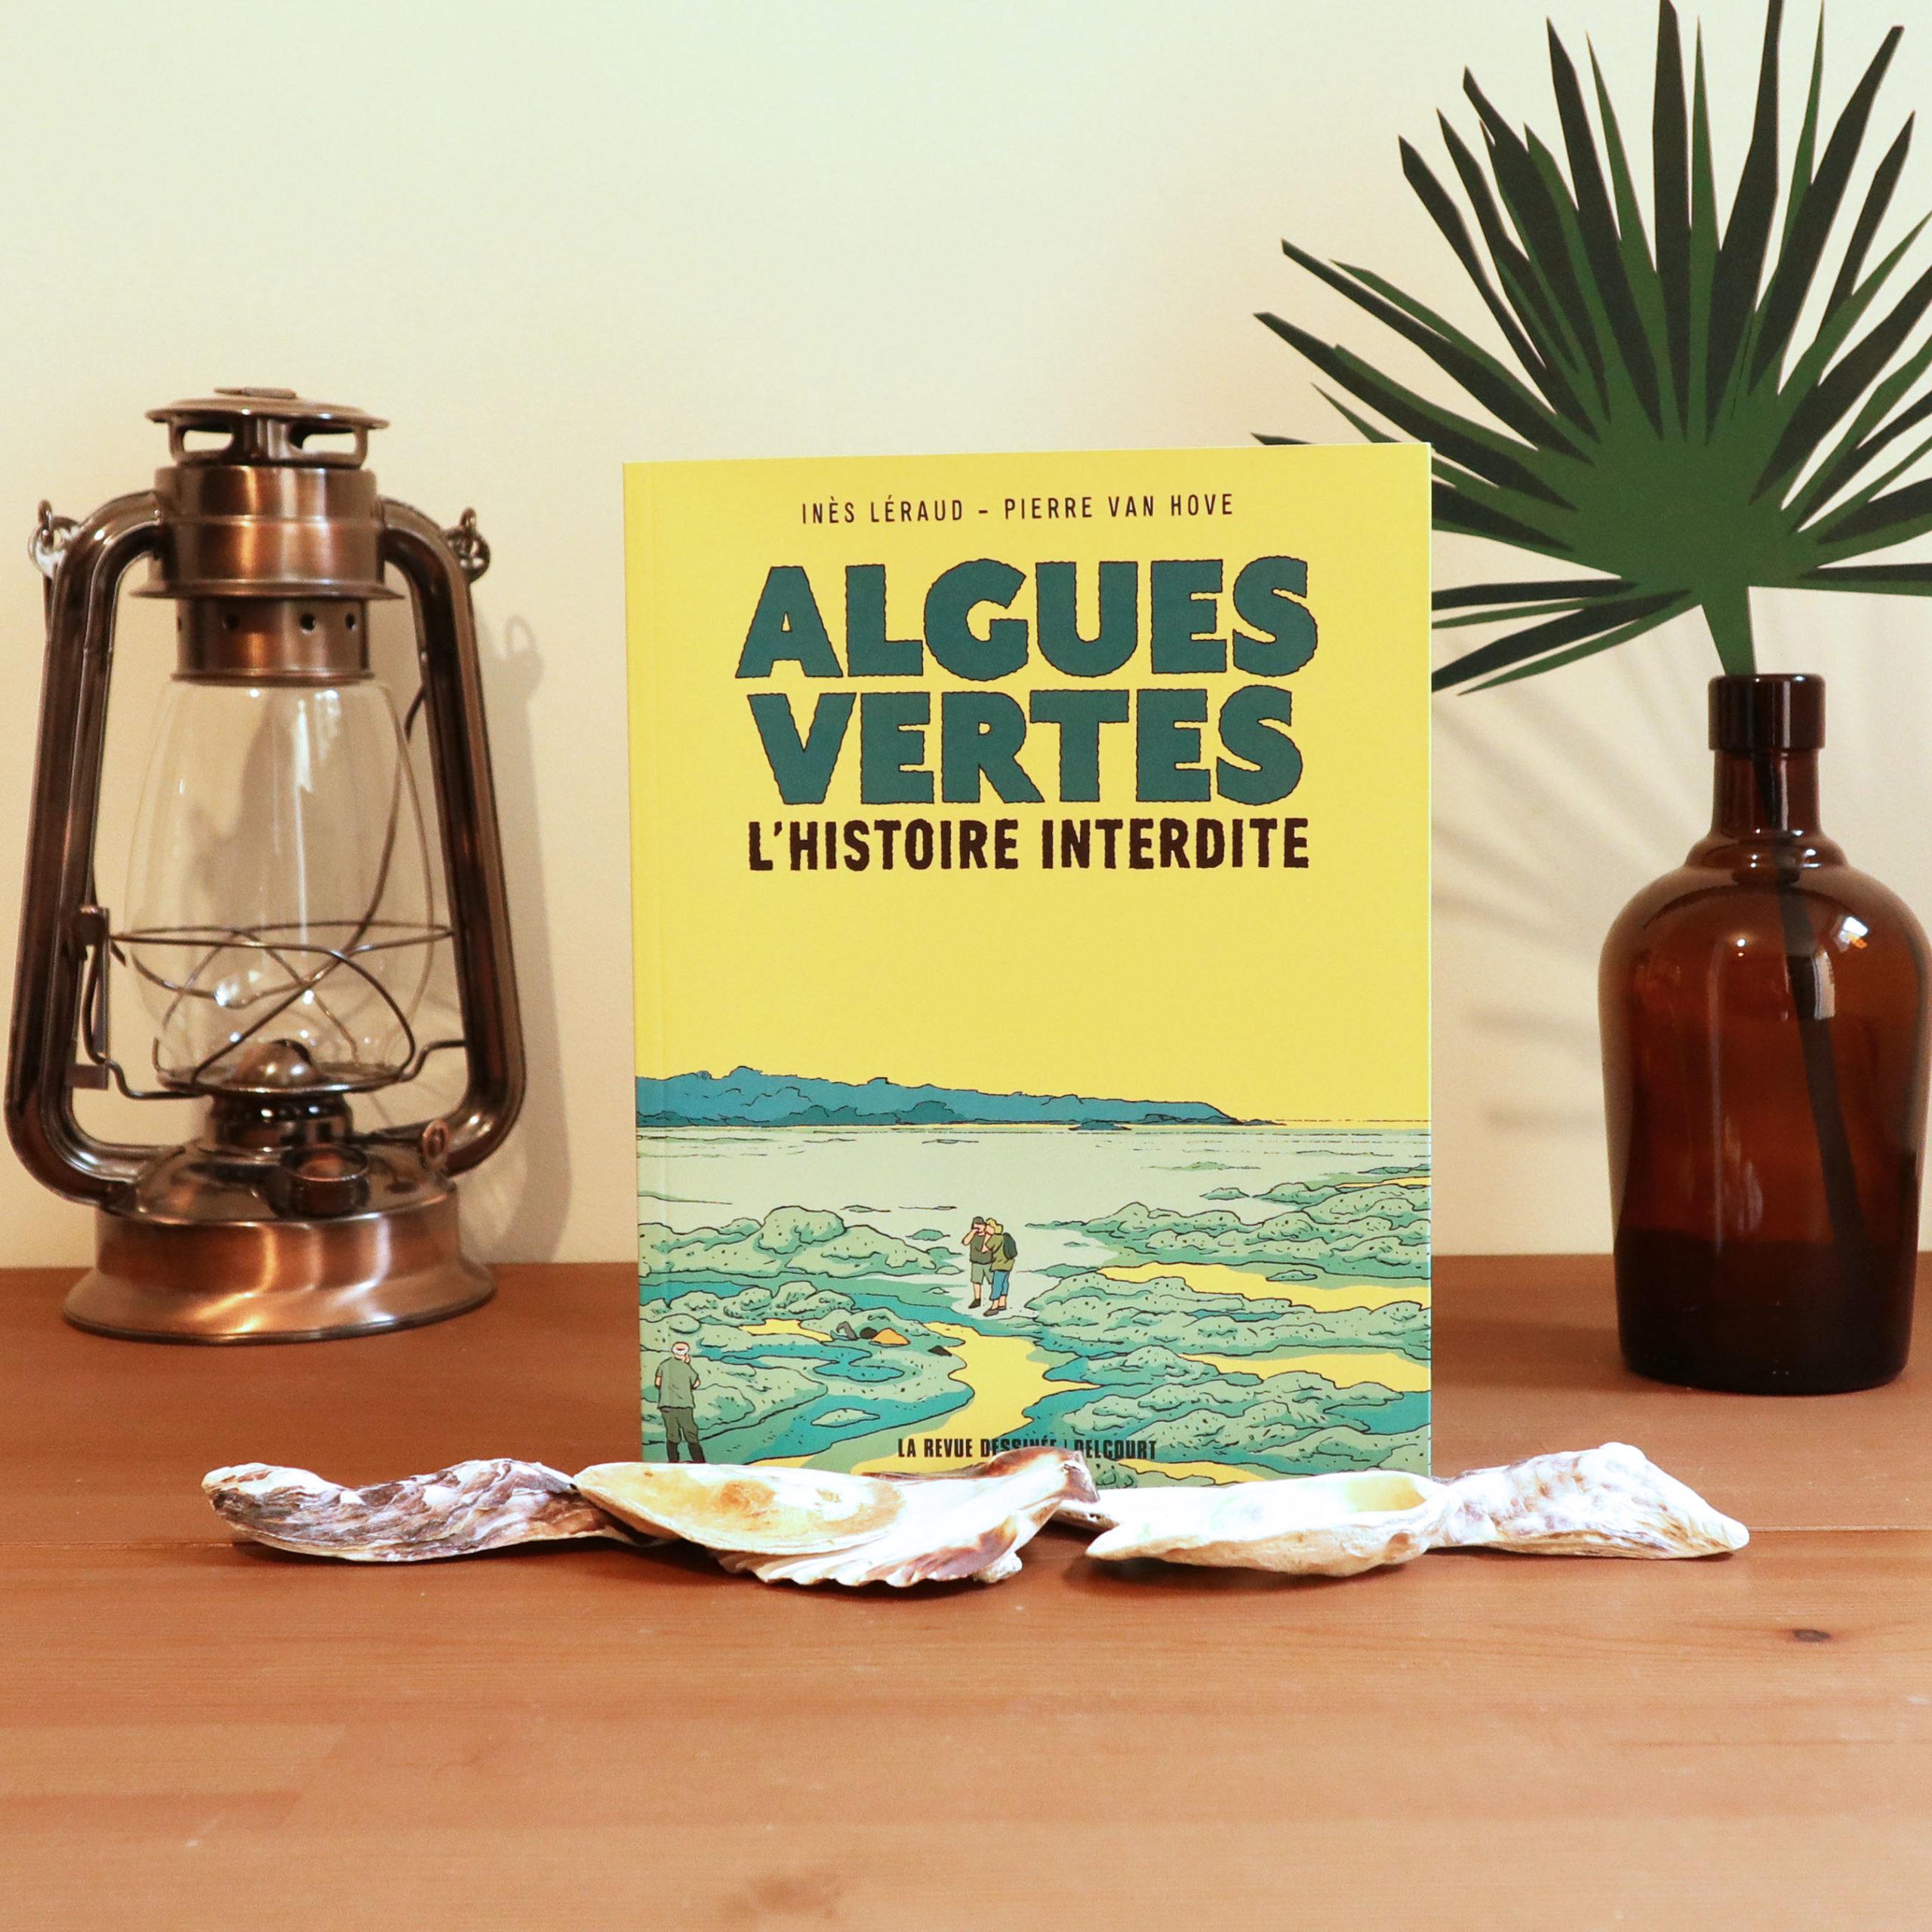 Algues vertes, l'histoire interdite d'Inès Léraud et Pierre Van Hove, éditions La revue dessinée Delcourt